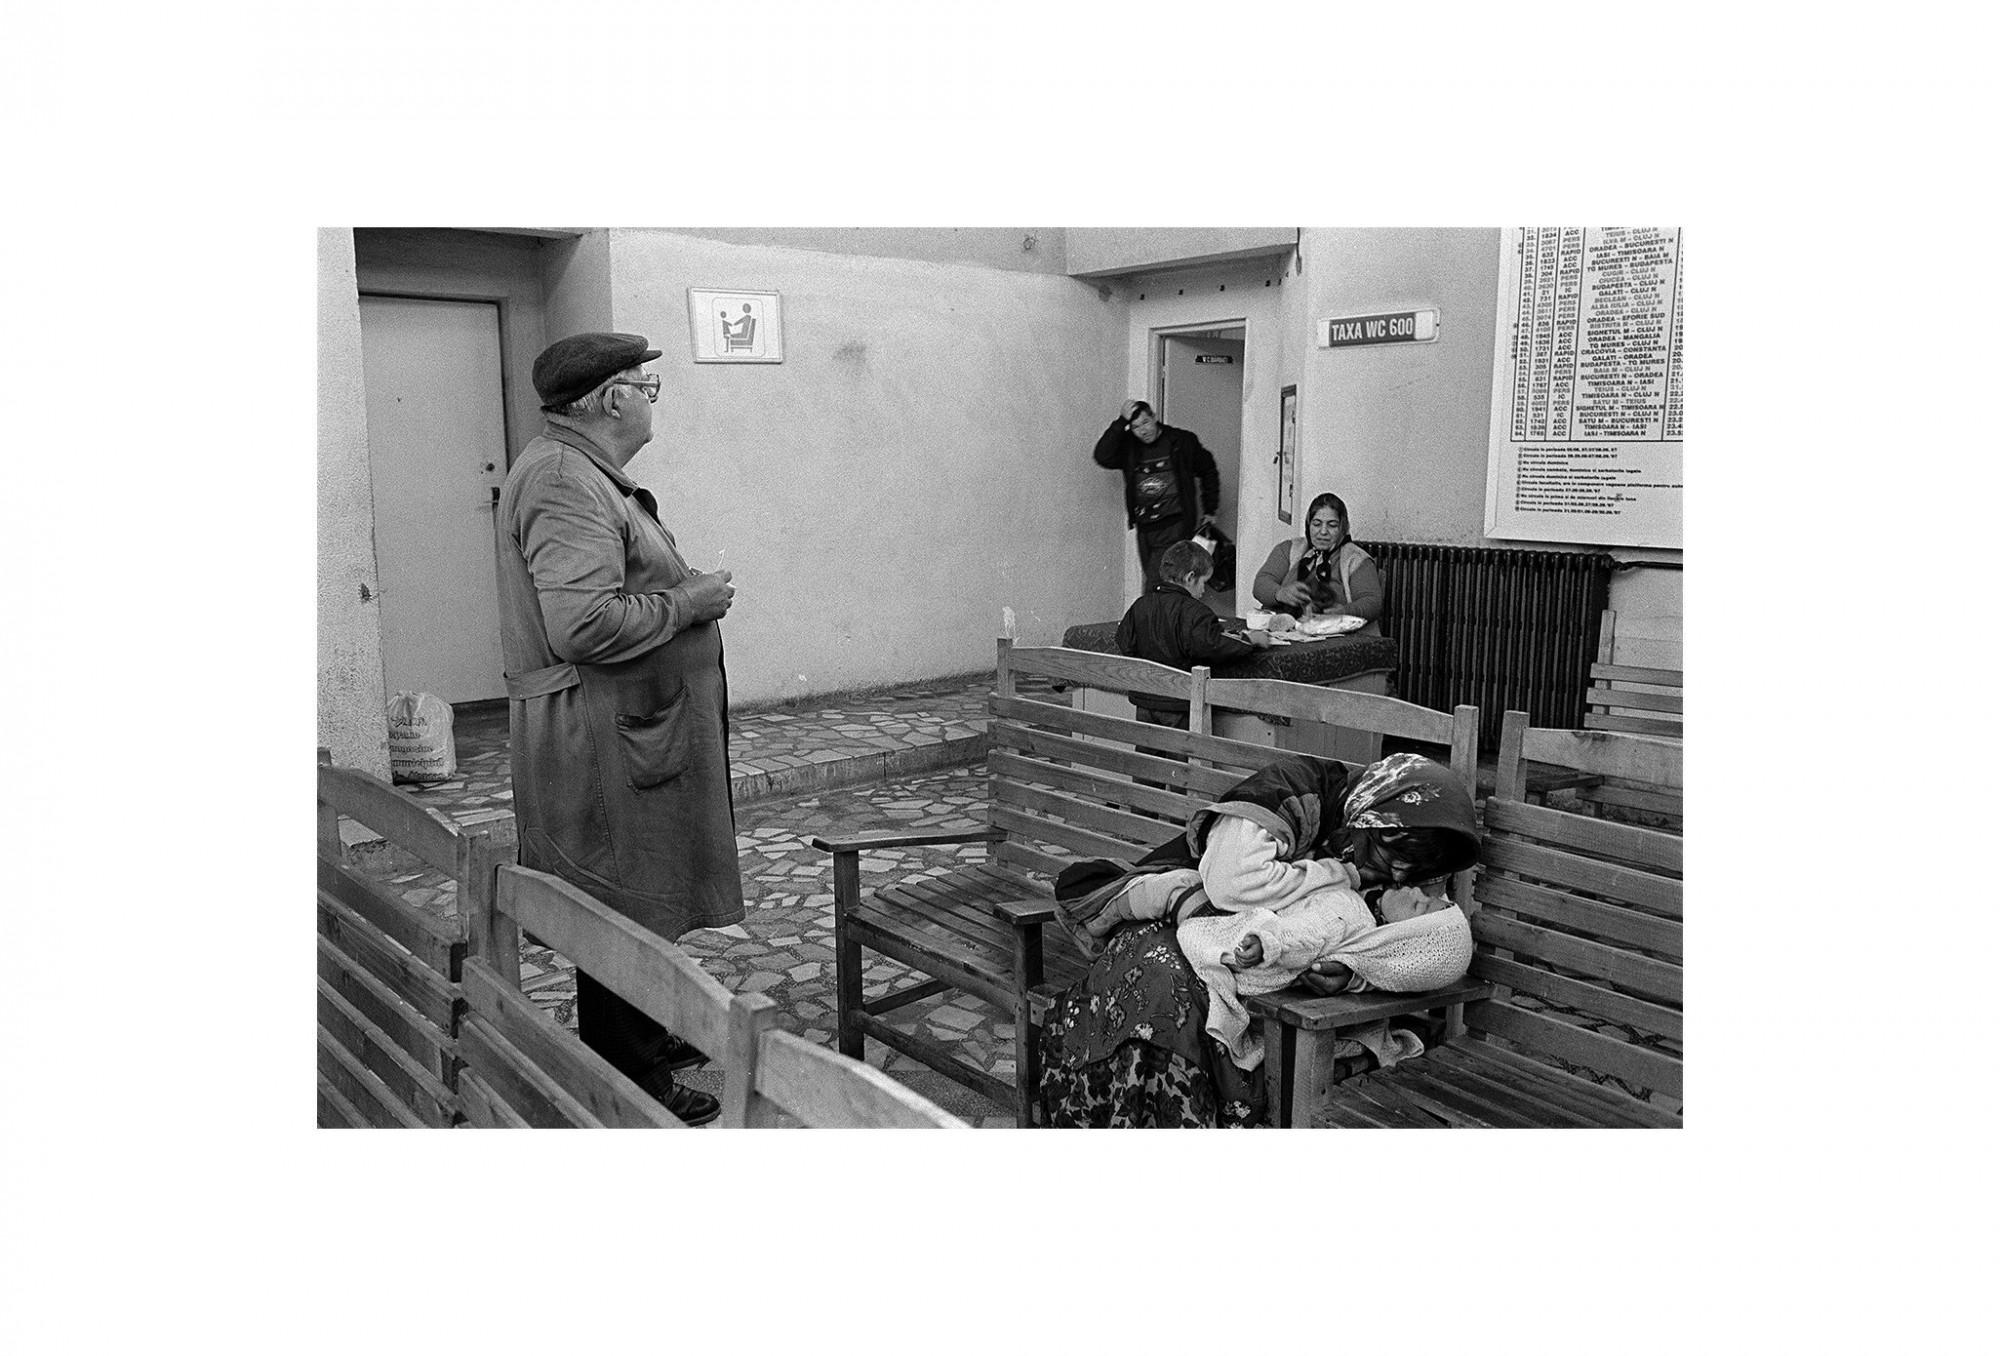 Afbeelding: Fotokunst Dominique Van Huffel, uit de reeks: Waar de sterre bleef stille staan. De wachtzaal, Roemenië.